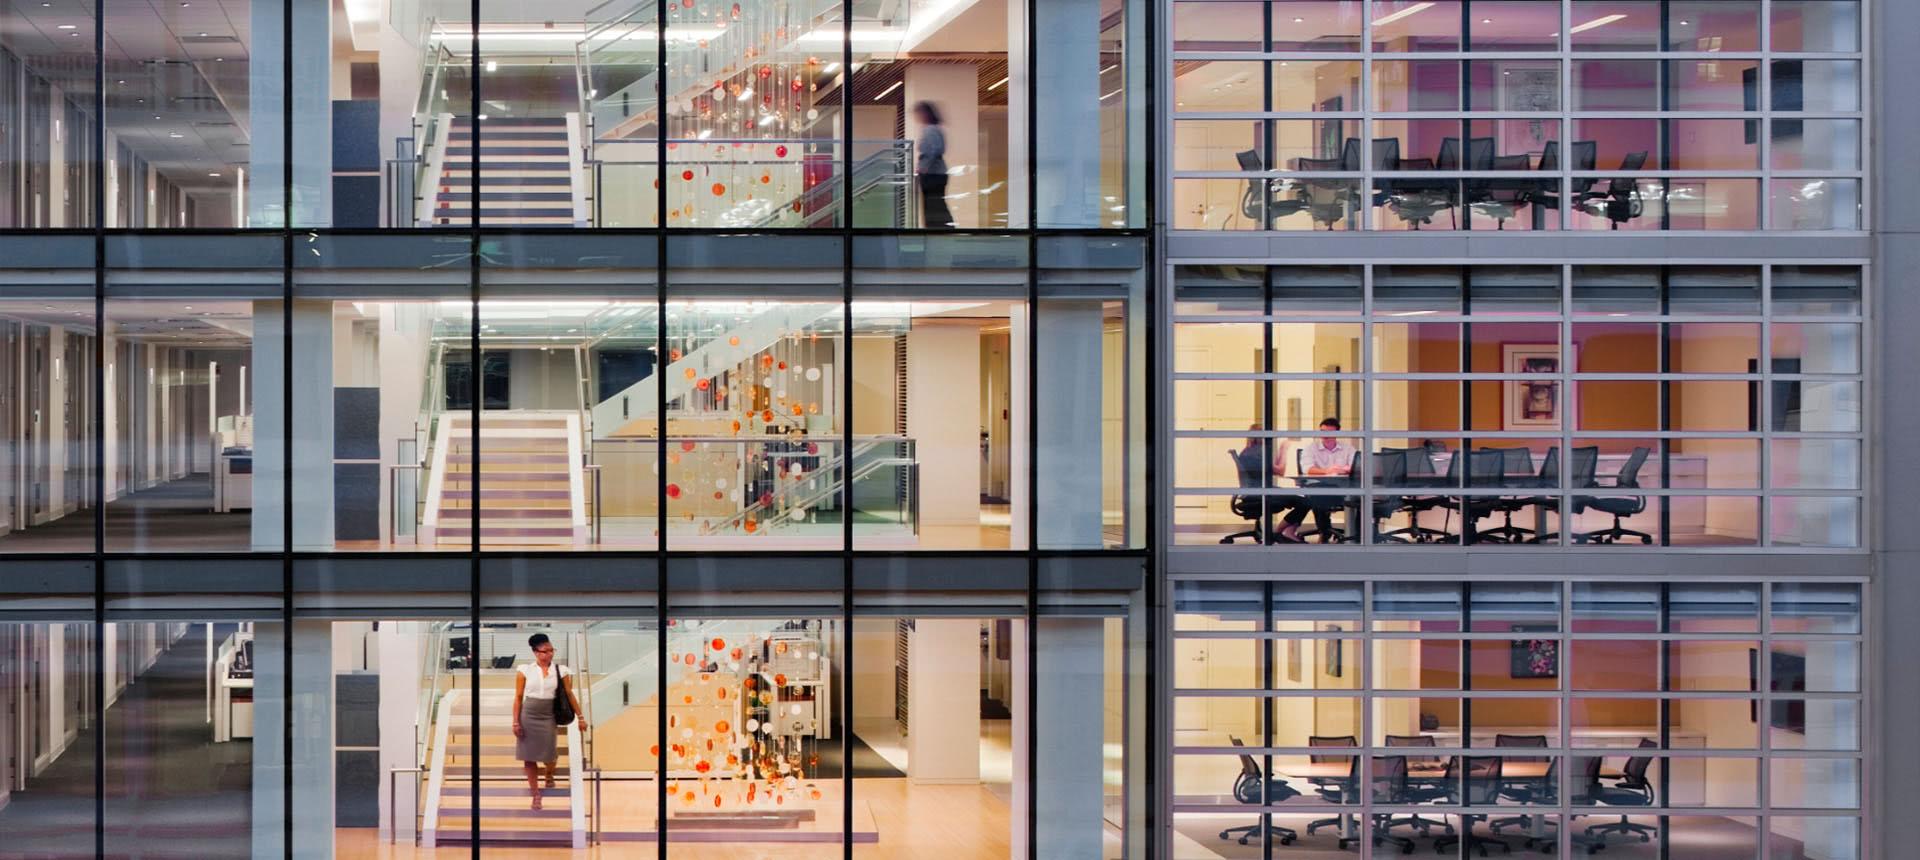 Πάνω από 25.000 σύνεδροι στο 61oσυνέδριο της Αμερικανικής Αιματολογικής Εταιρείας